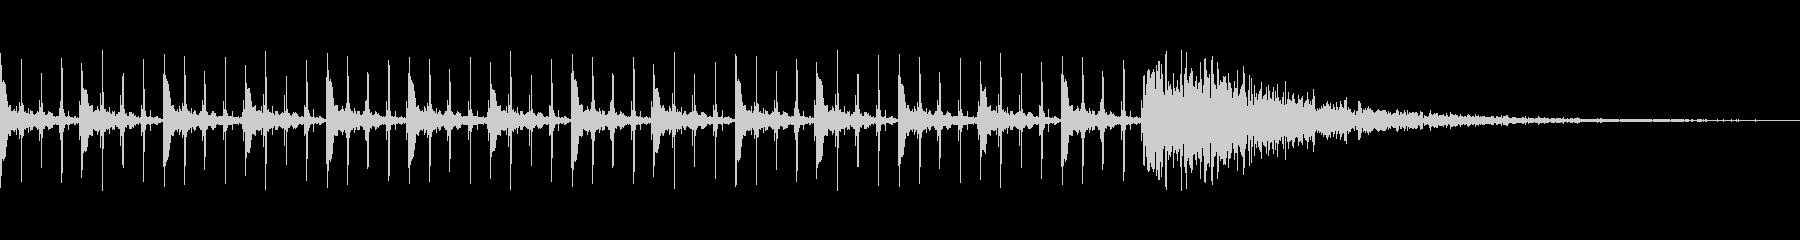 カウントダウン効果音(15秒)の未再生の波形